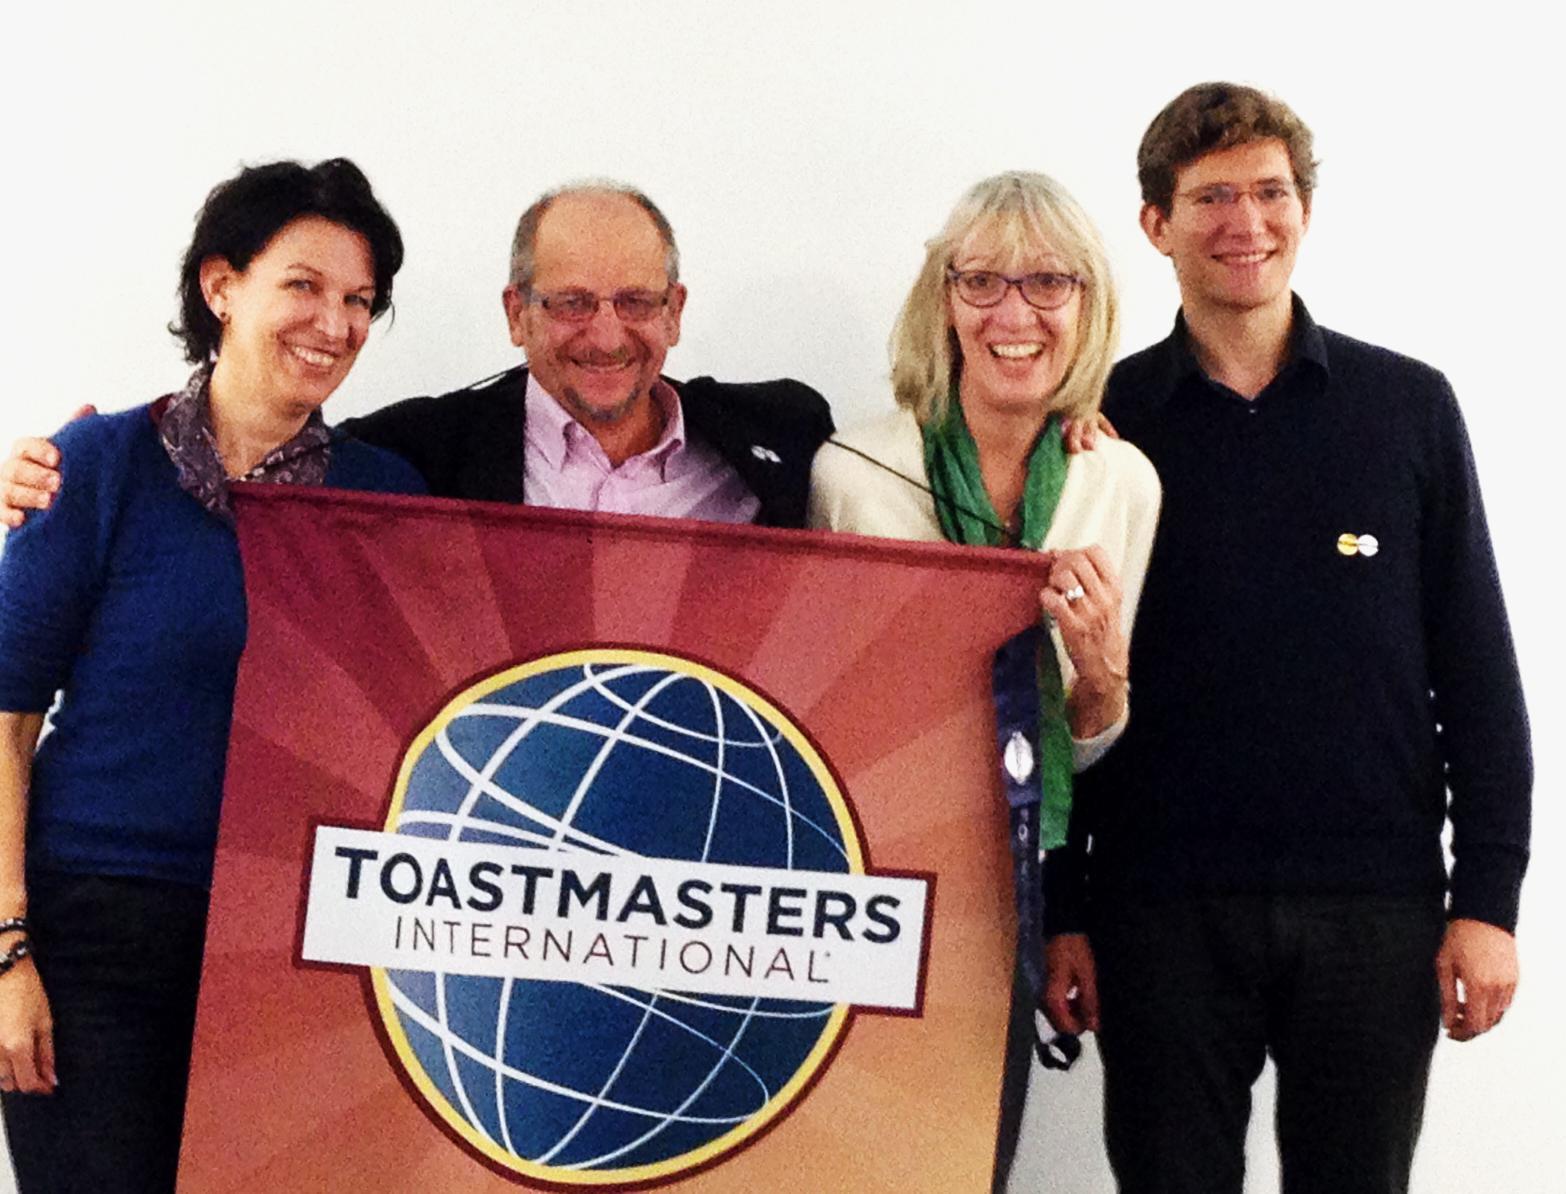 Soirées Prise de Parole - Club Toastmasters Côte d'Azur